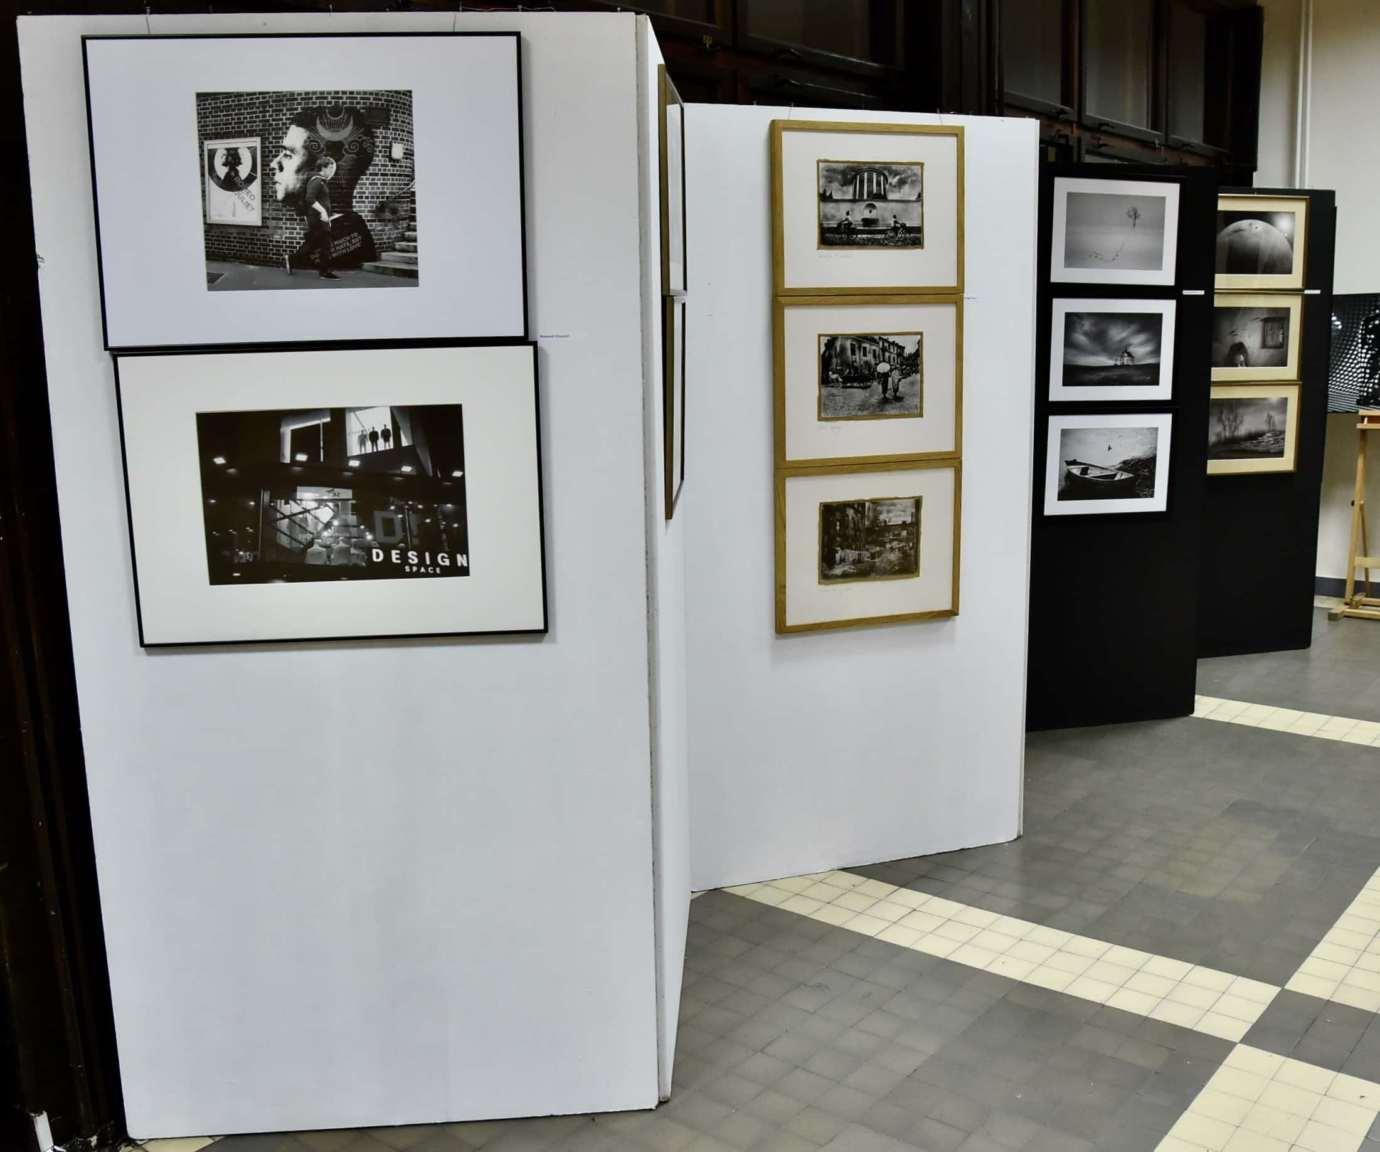 dsc 2560 Wystawa 66 limitowanych fotografii do zobaczenia w ZDK (zdjęcia)